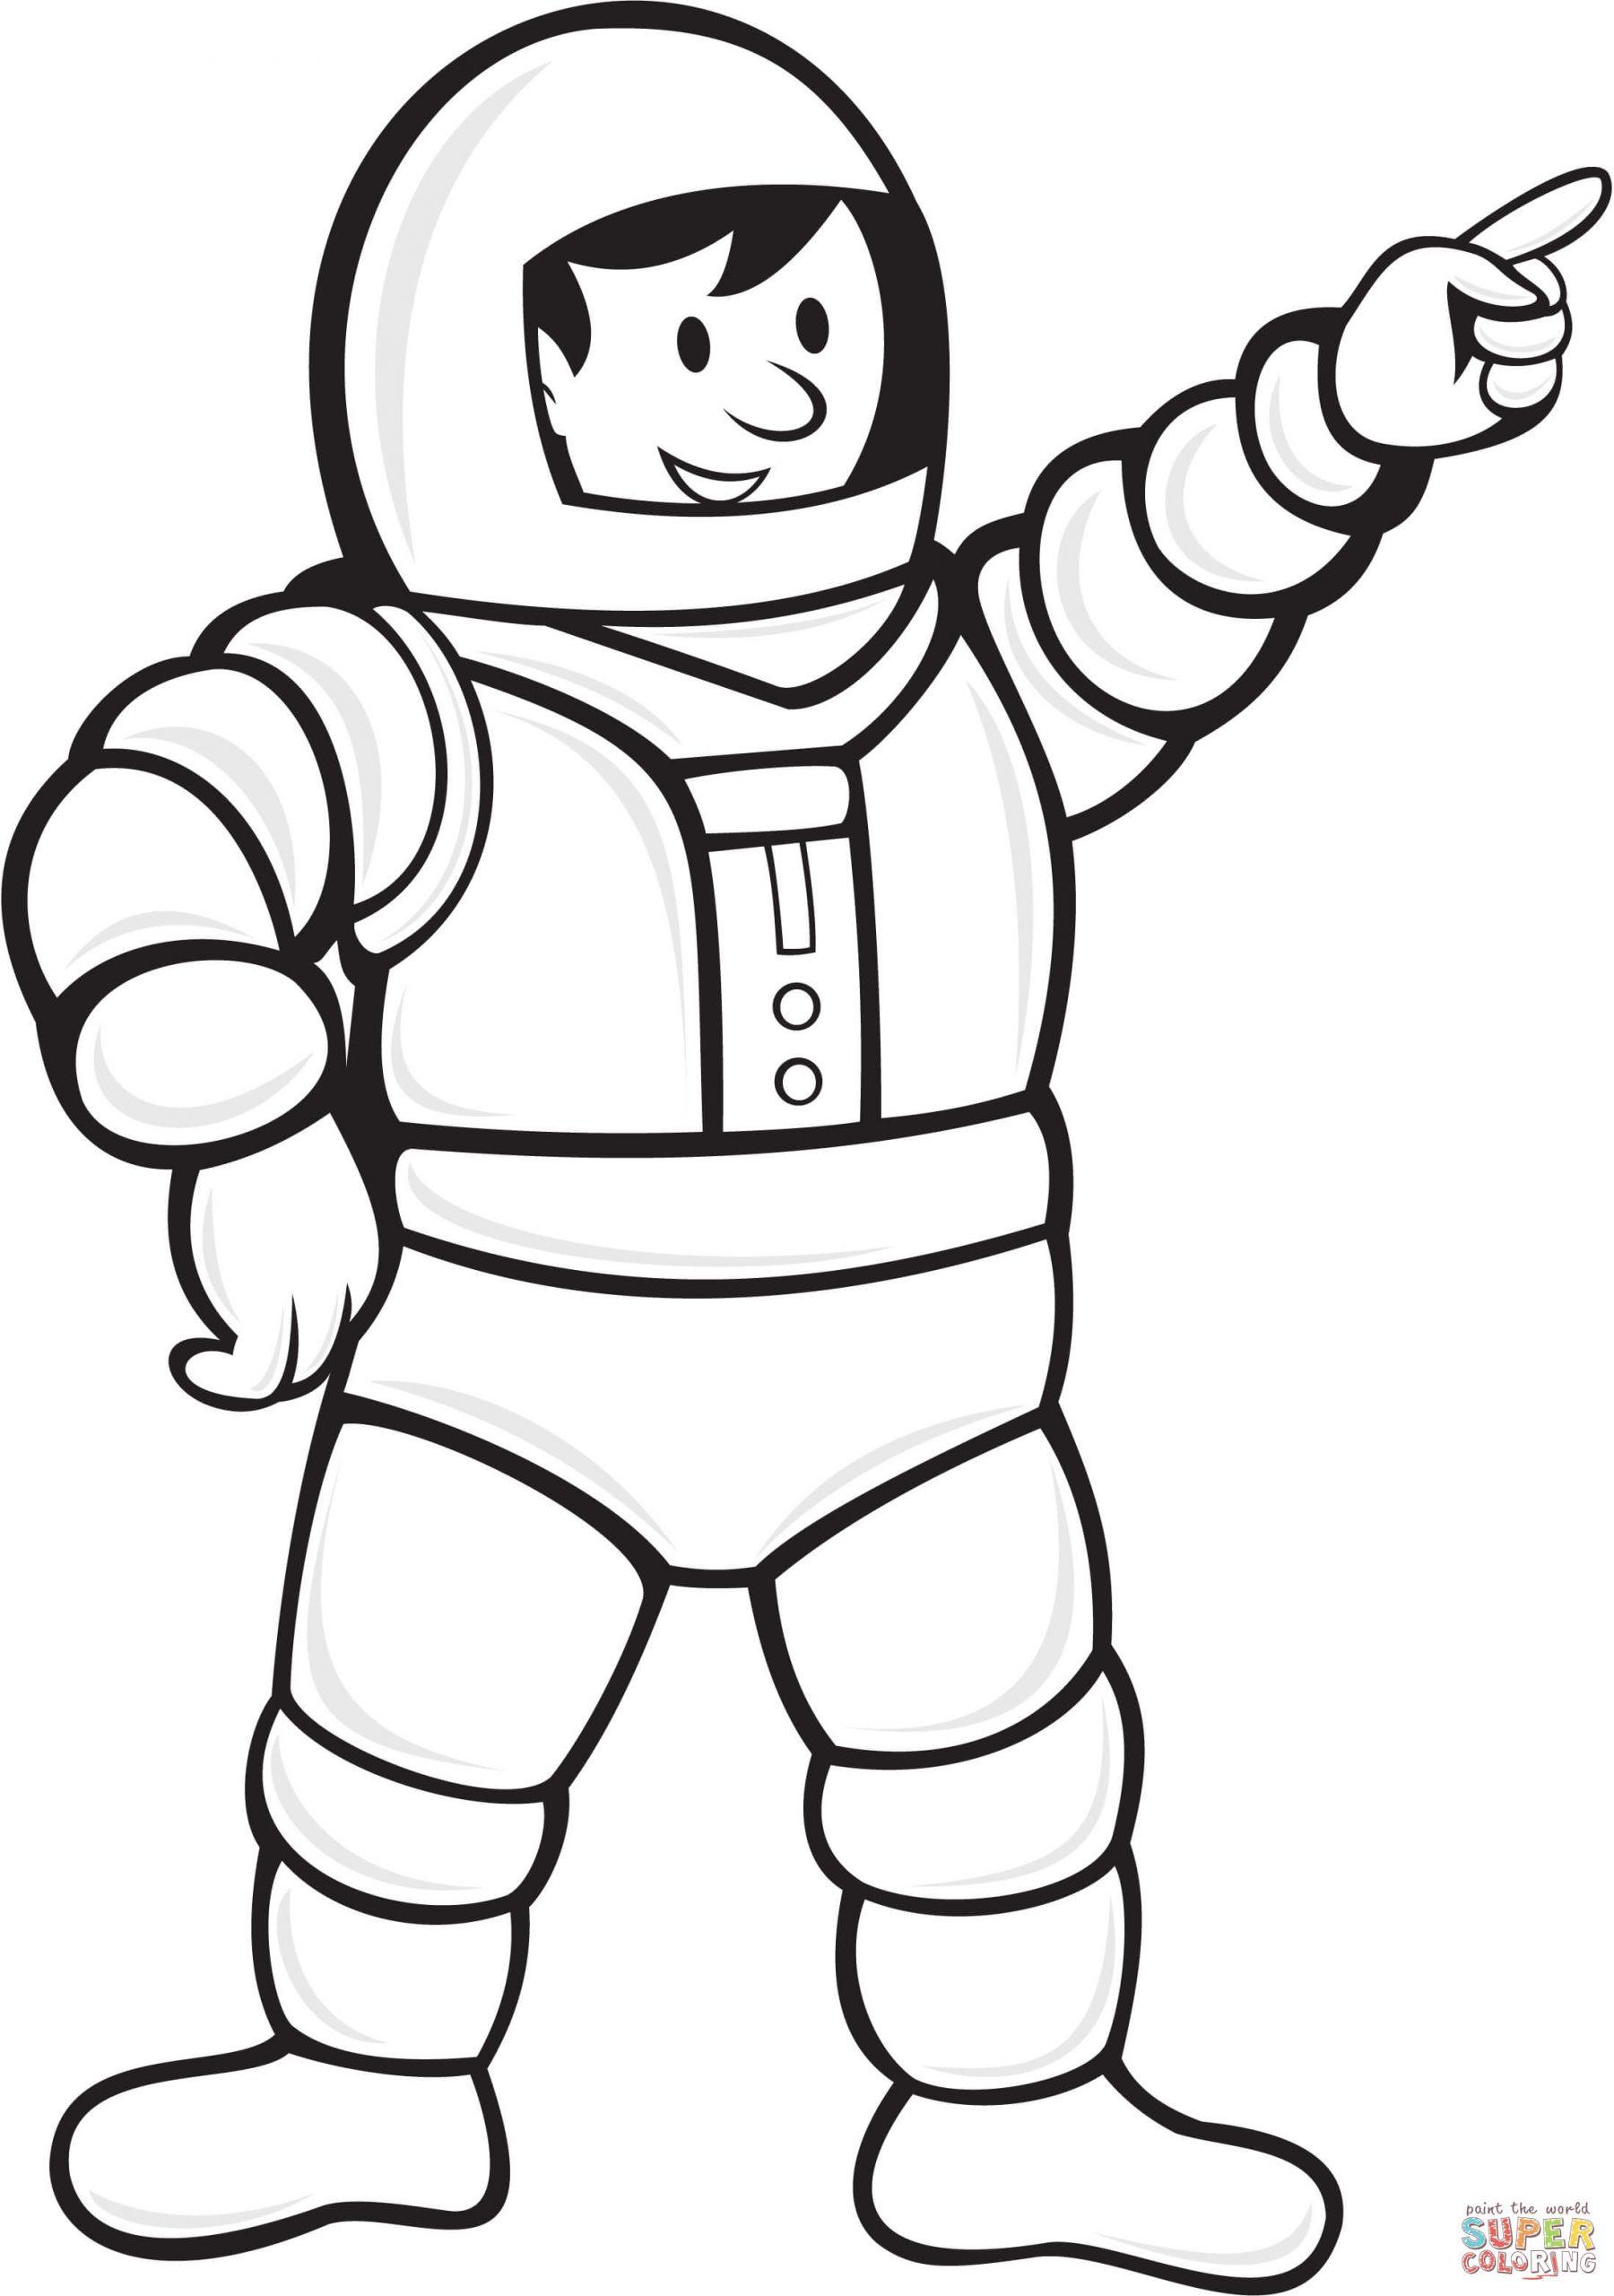 Coloriage - Astronaute Portant La Combinaison Spatiale tout Coloriage Astronaute